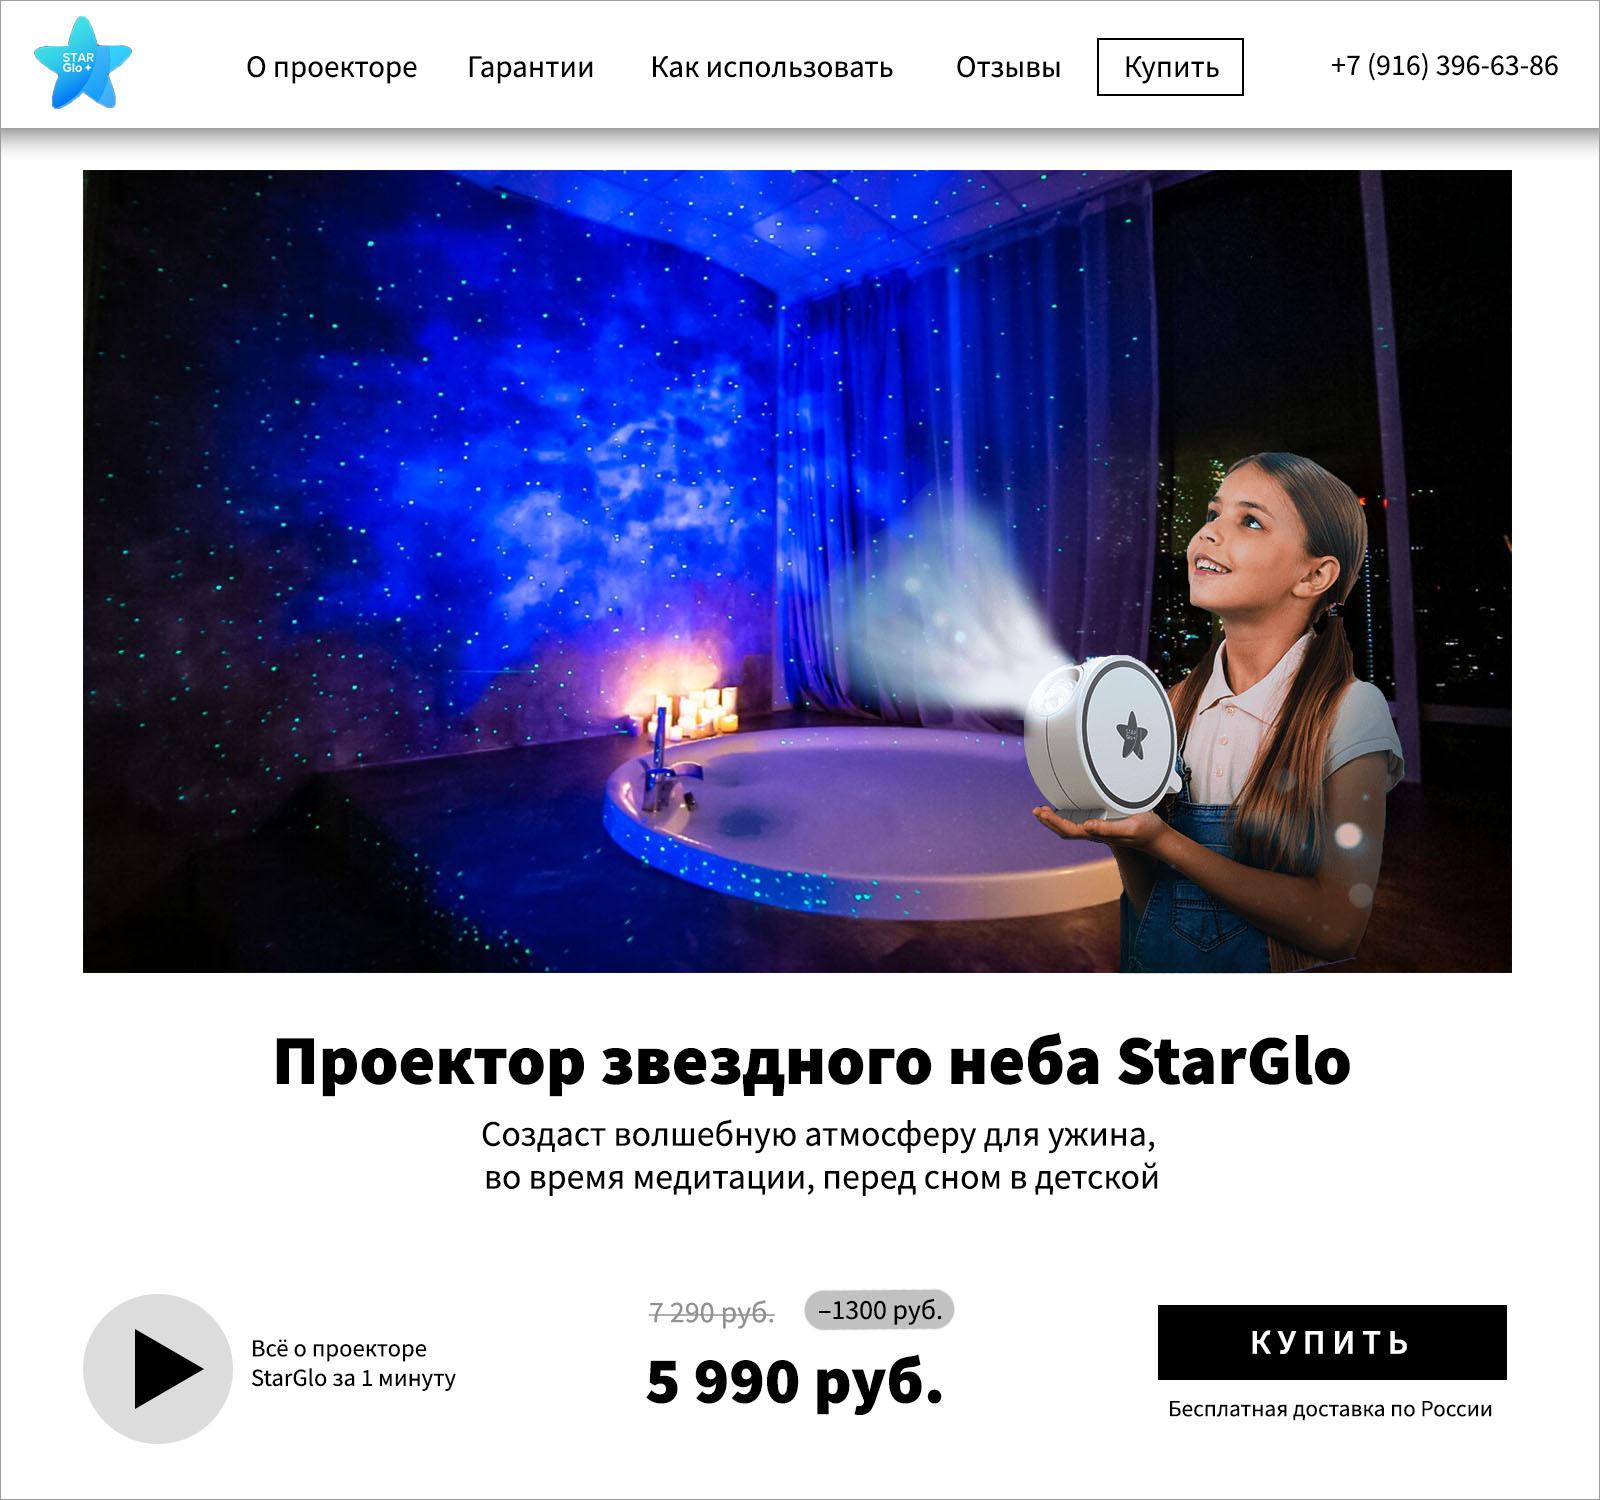 Как сделать первый экран лендинга – пример StarGlo